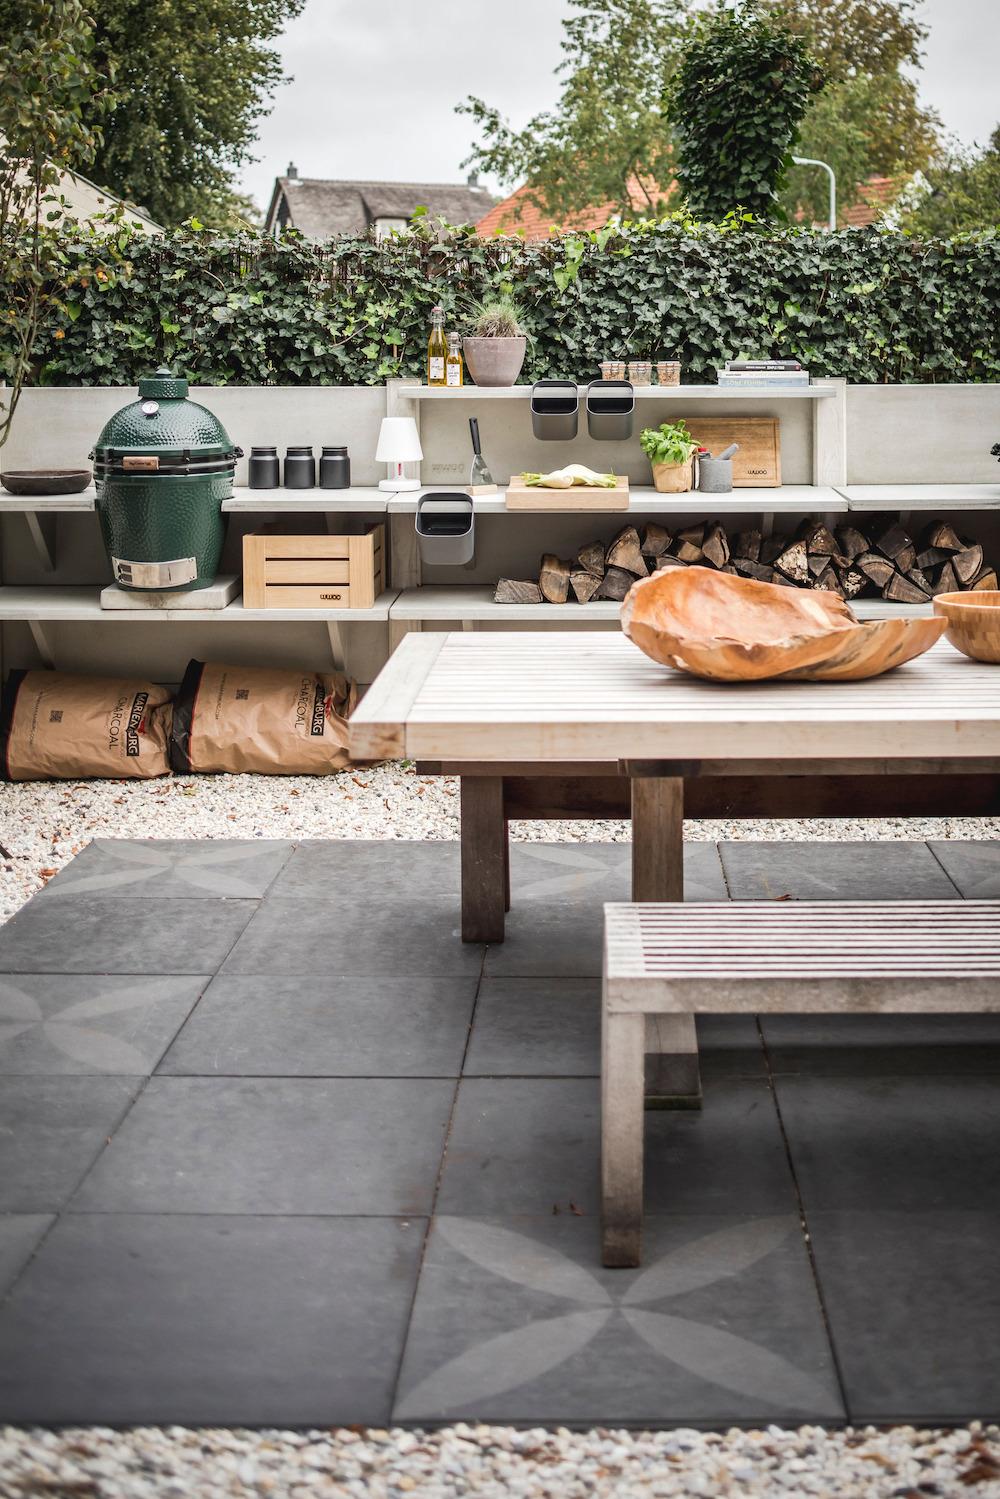 Buitenkeuken WWOO met green egg barbecue en buitentegels Duostone vtwonen by Douglas & Jones #tuin #tuininspiratie #buitenkeuken #barbecue #terras #wwoo #buitentegels #vtwonen #douglasjones